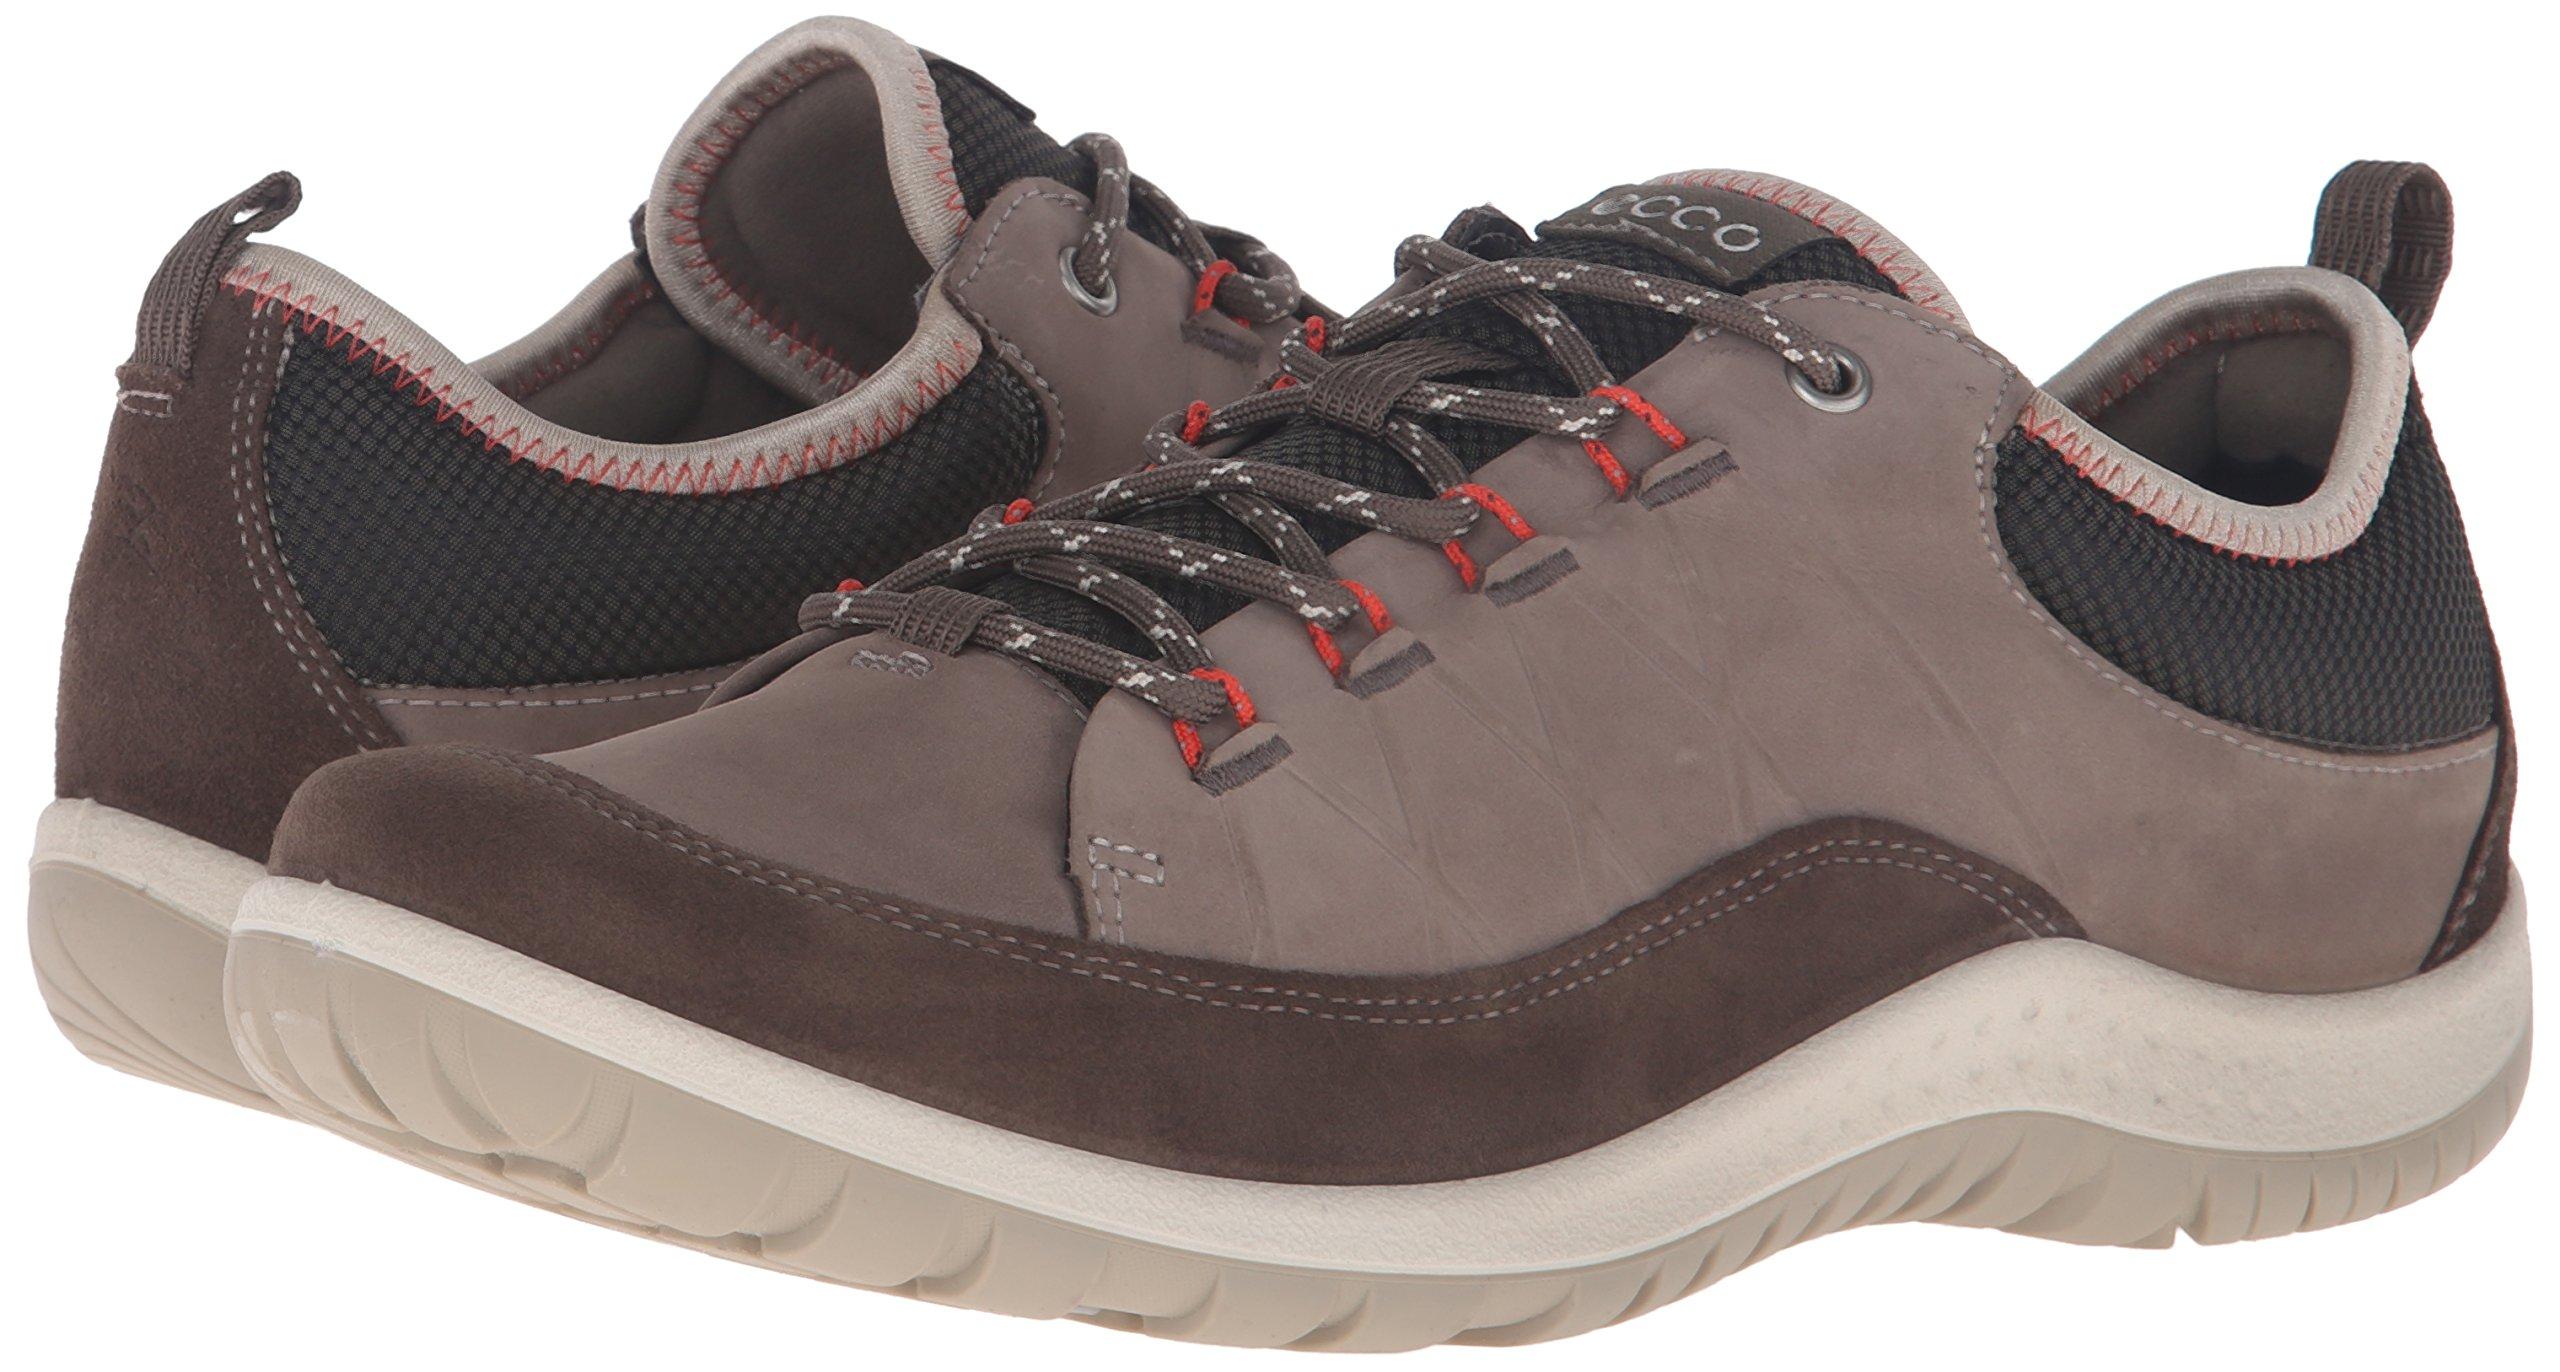 81qZ%2Bv4T8qL - ECCO Women's Aspina Multisport Outdoor Shoes